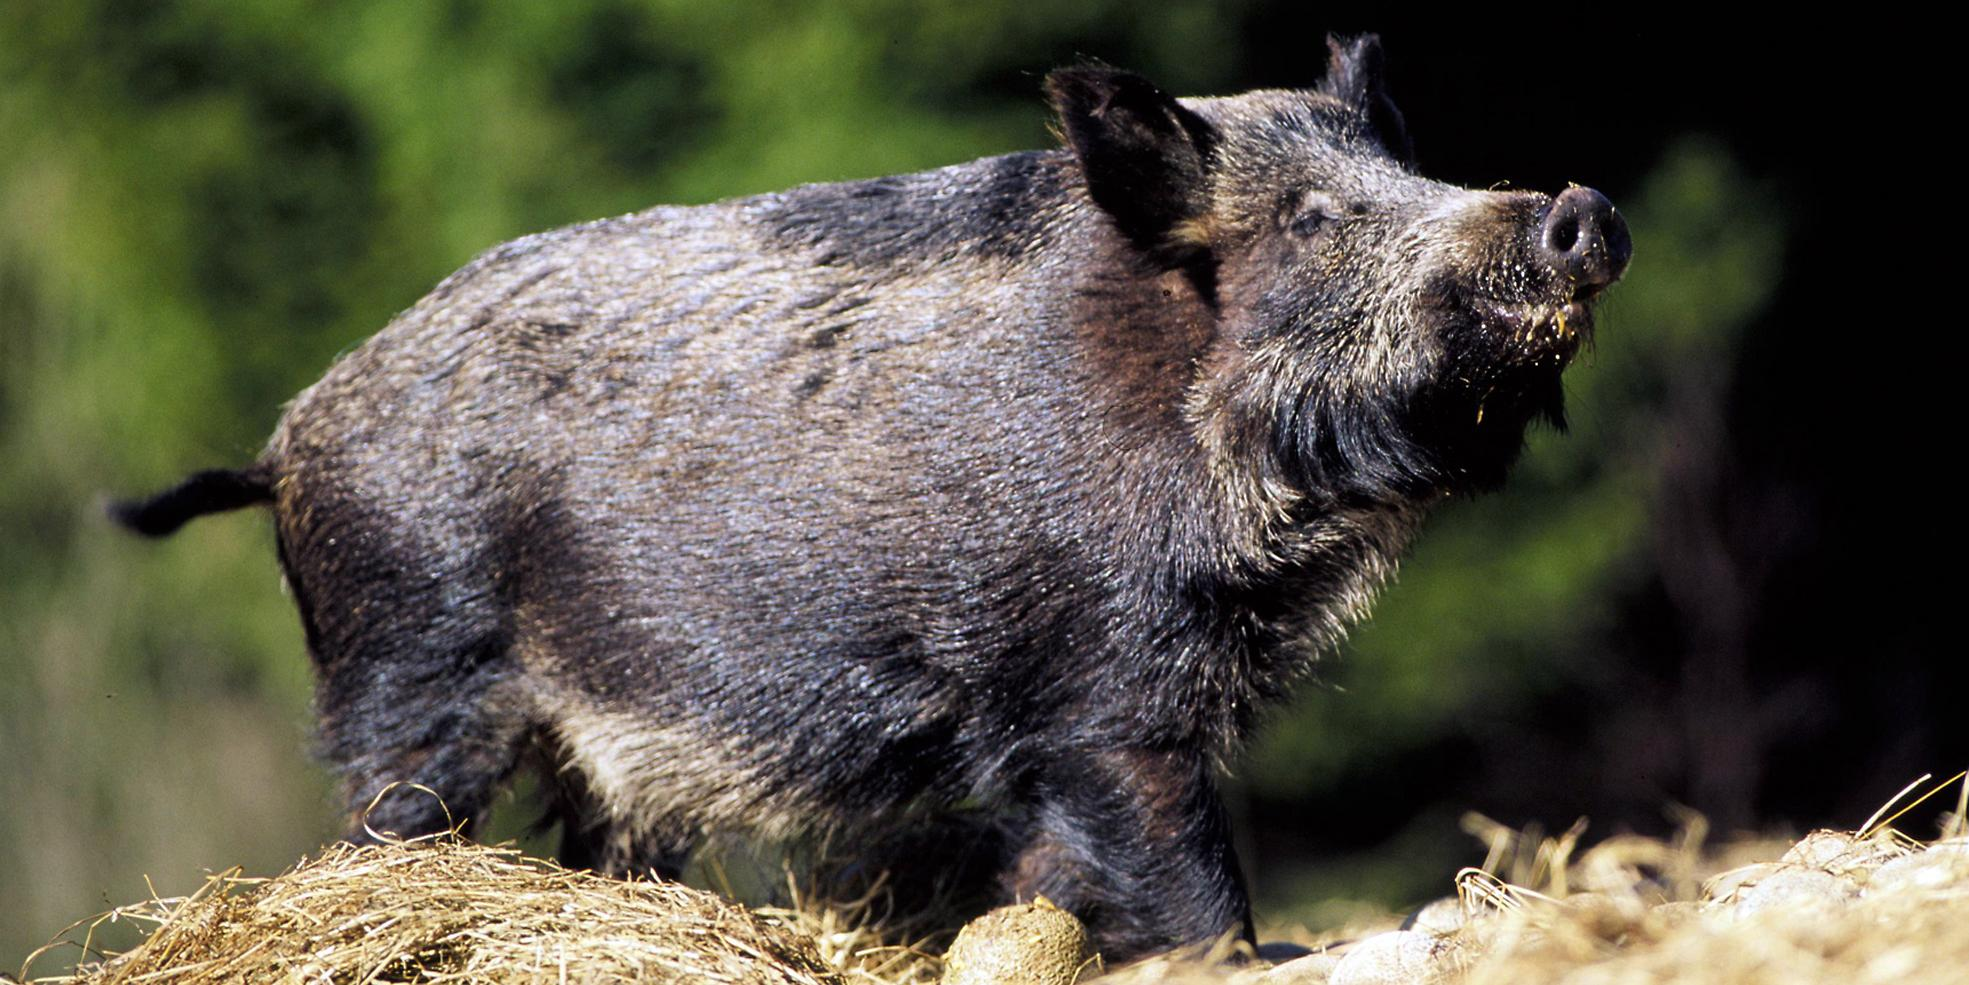 Vanligtvis är vildsvin skygga djur, men i Kvarntorpsområdet har de nu närmat sig människor även på dagtid. Bilden är tagen i ett annat sammanhang.